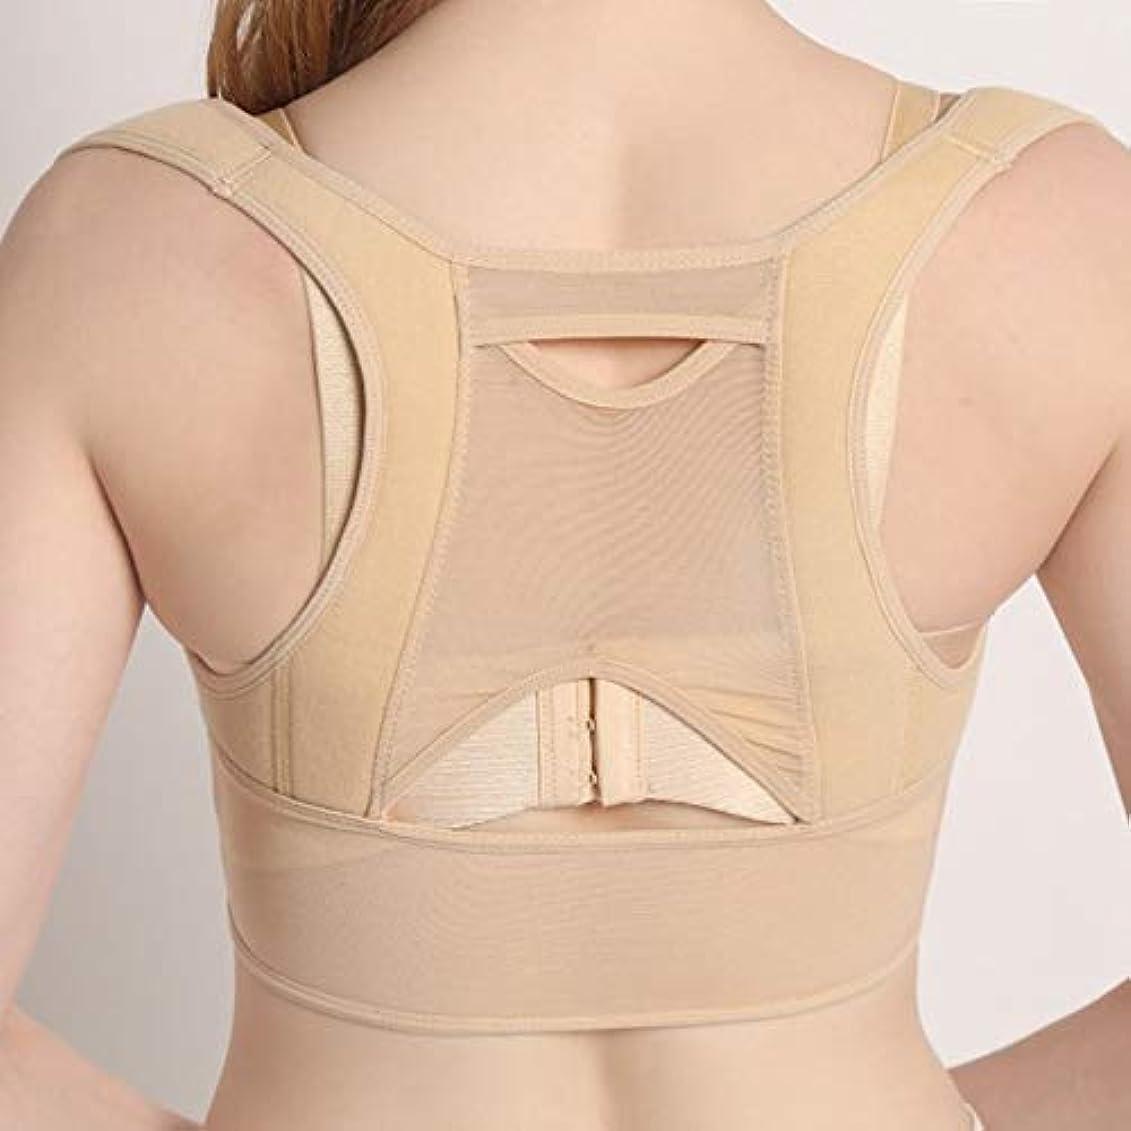 活力検索エンジン最適化ディスカウント通気性のある女性の背中の姿勢矯正コルセット整形外科の肩の背骨の姿勢矯正腰椎サポート - ベージュホワイトM